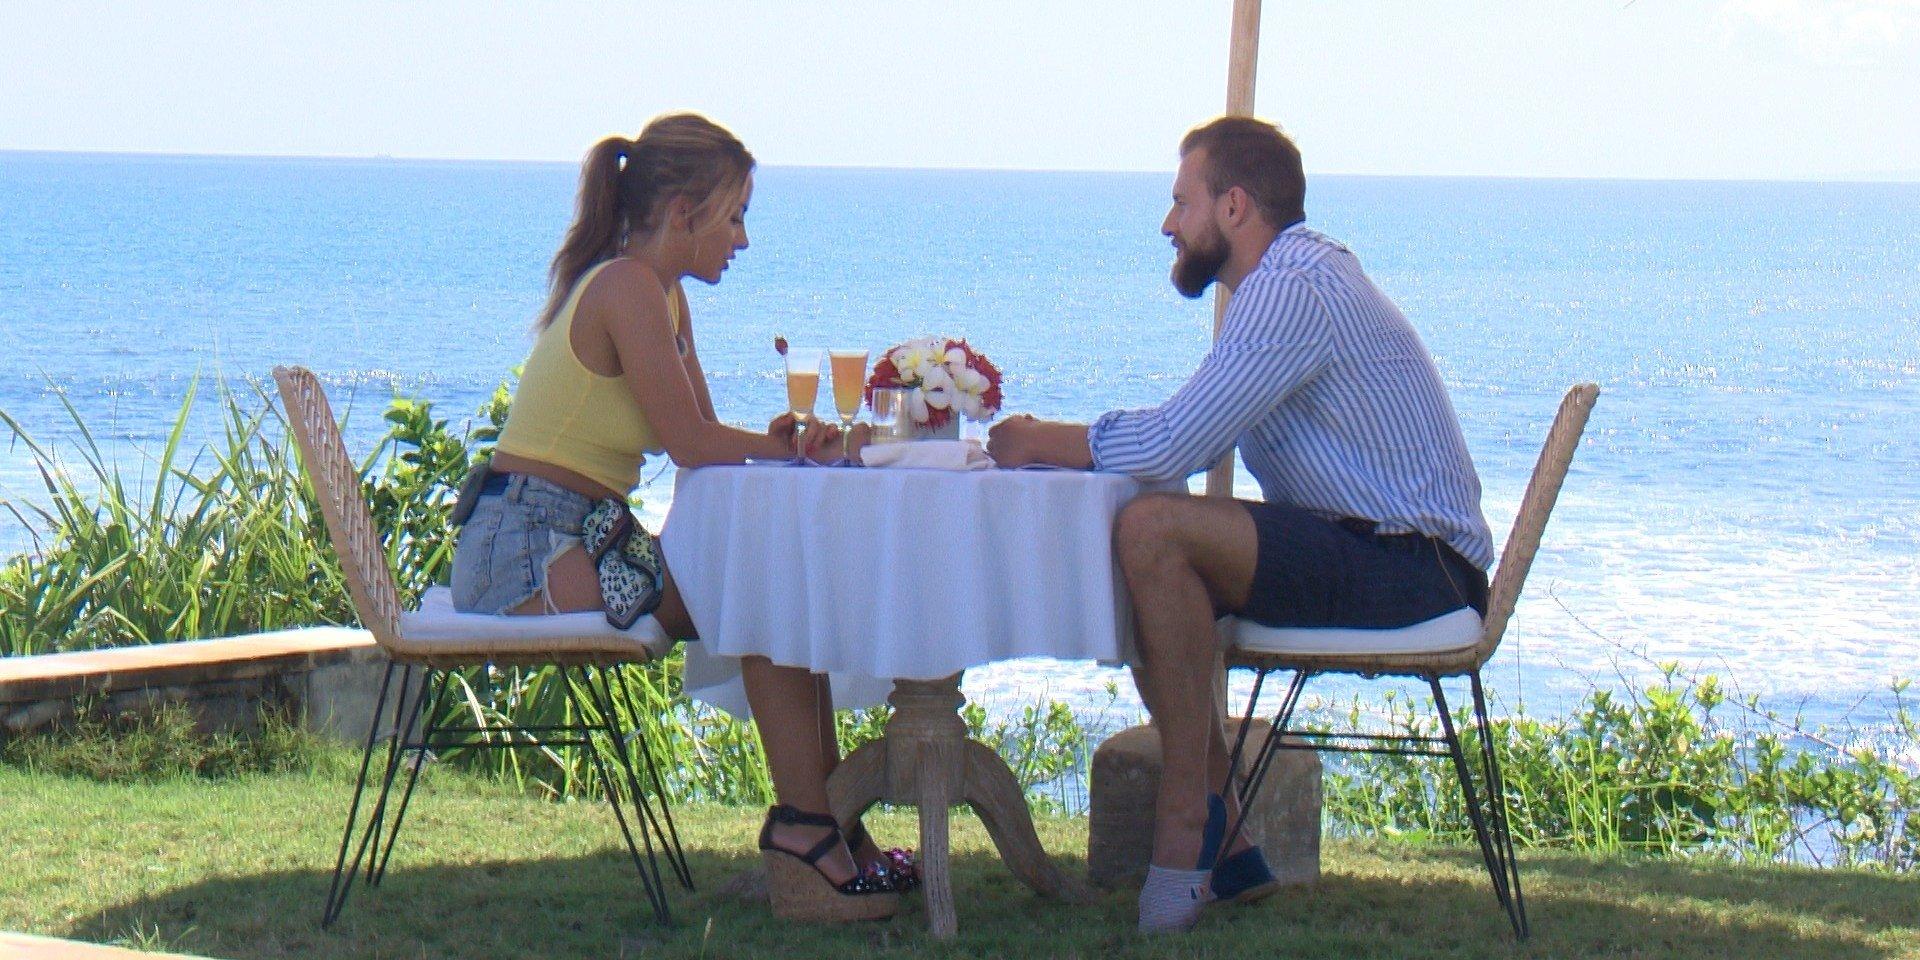 Hotel Paradise 2 - randki z niespodziankami! (zapowiedź odcinka 11)